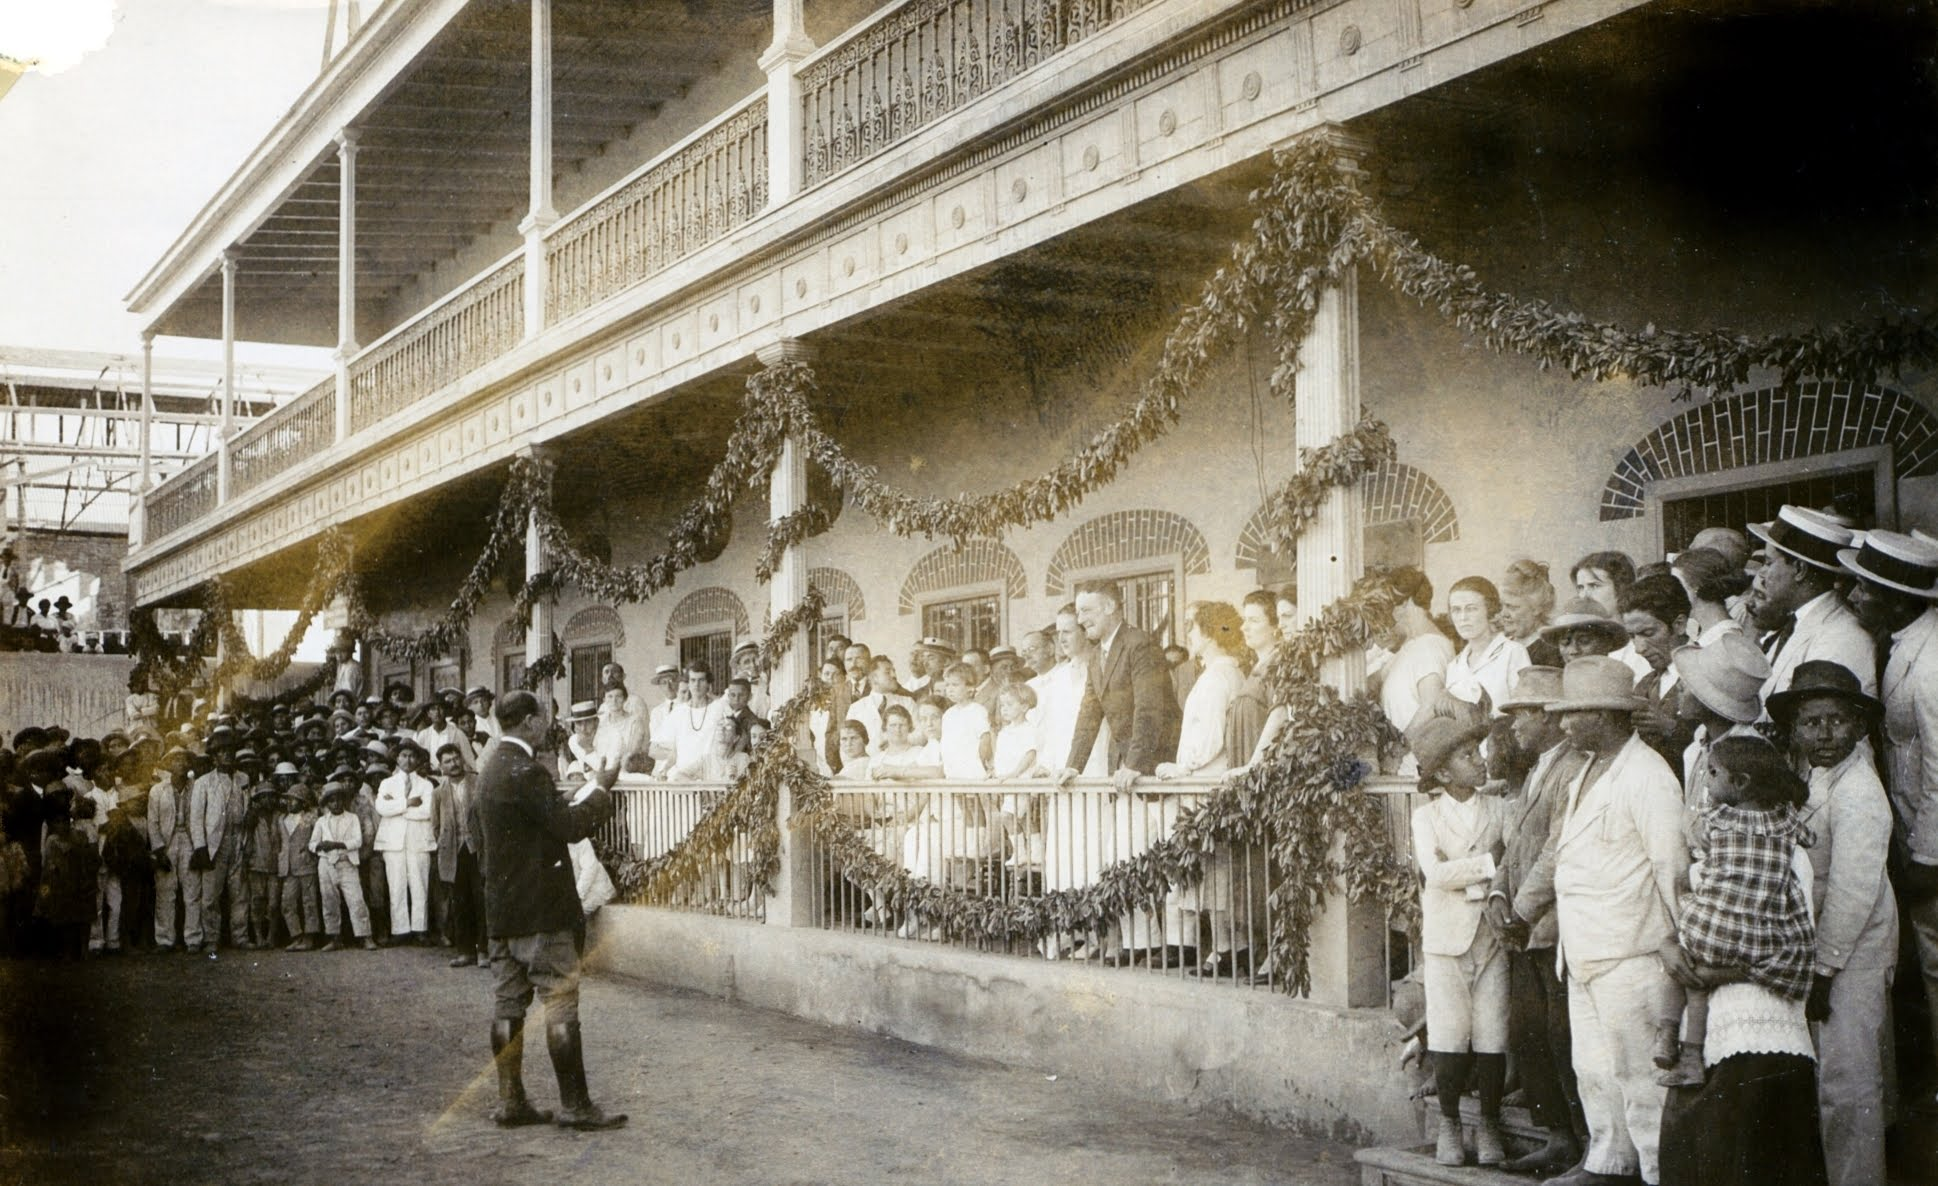 Hacienda public holiday circa 1930